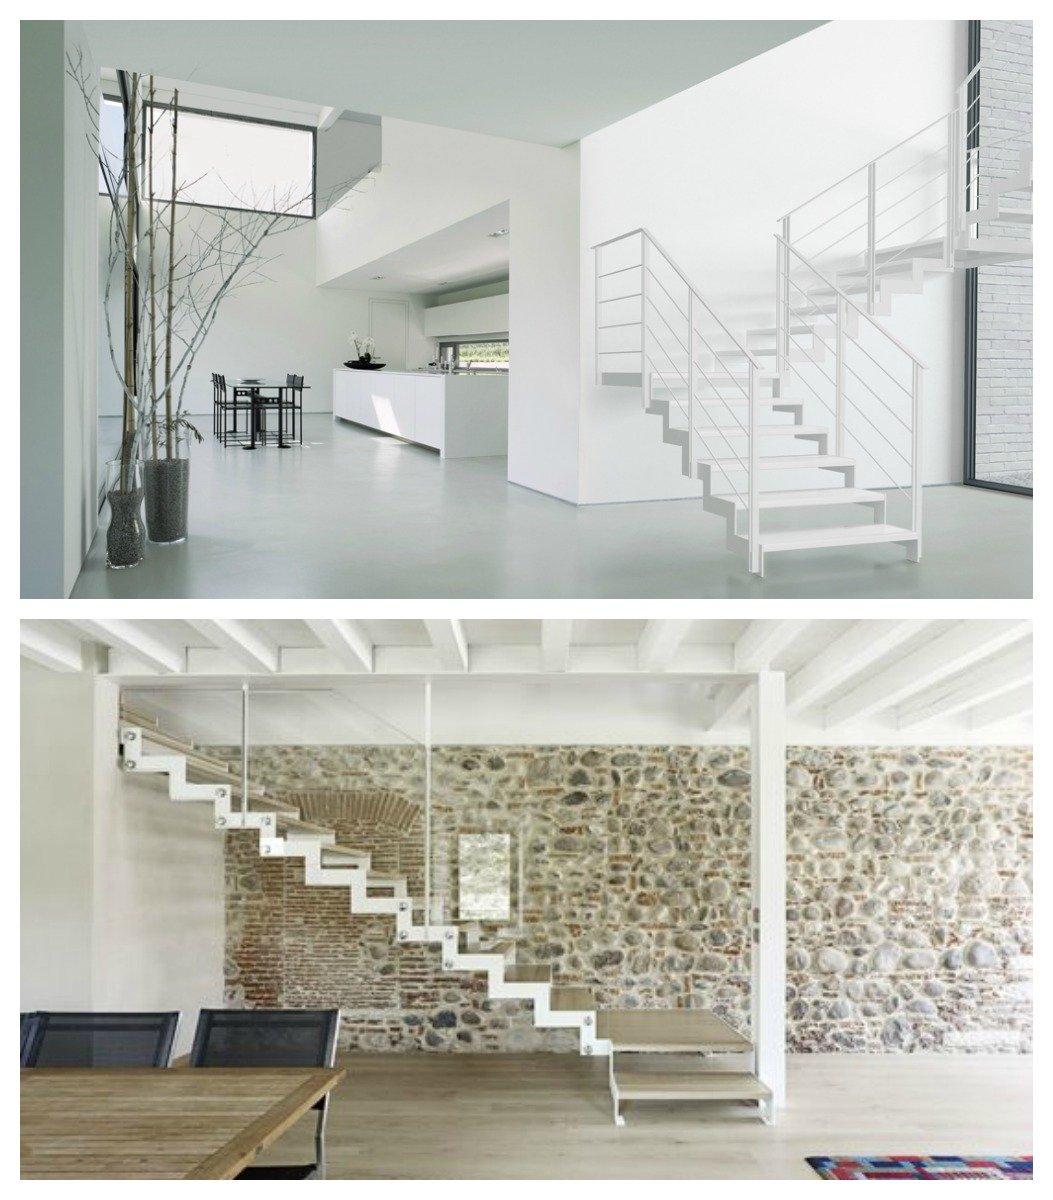 Parlando di scale a casa di ro - Soluzioni per chiudere scale interne ...